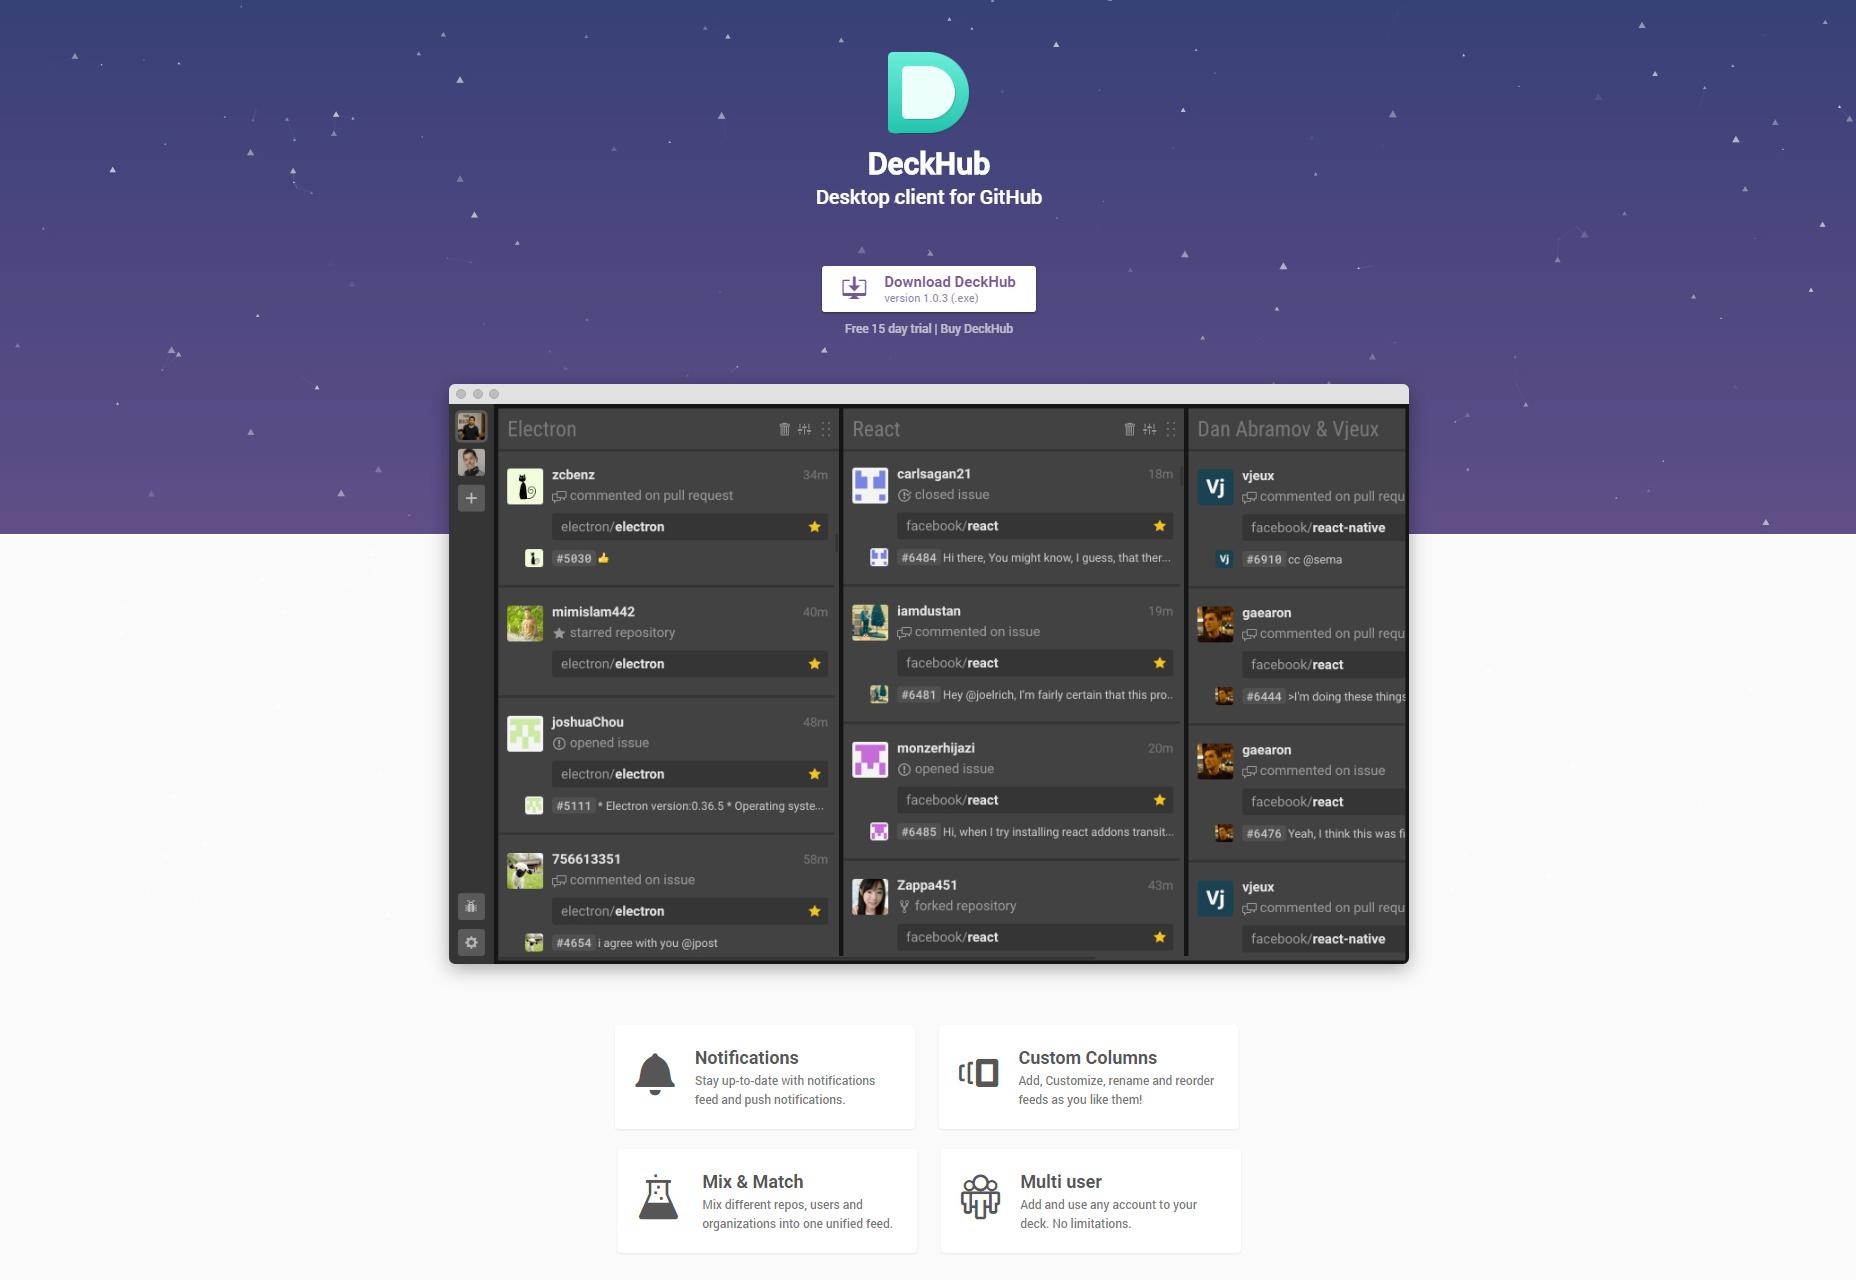 deckhub-desktop-client-for-github